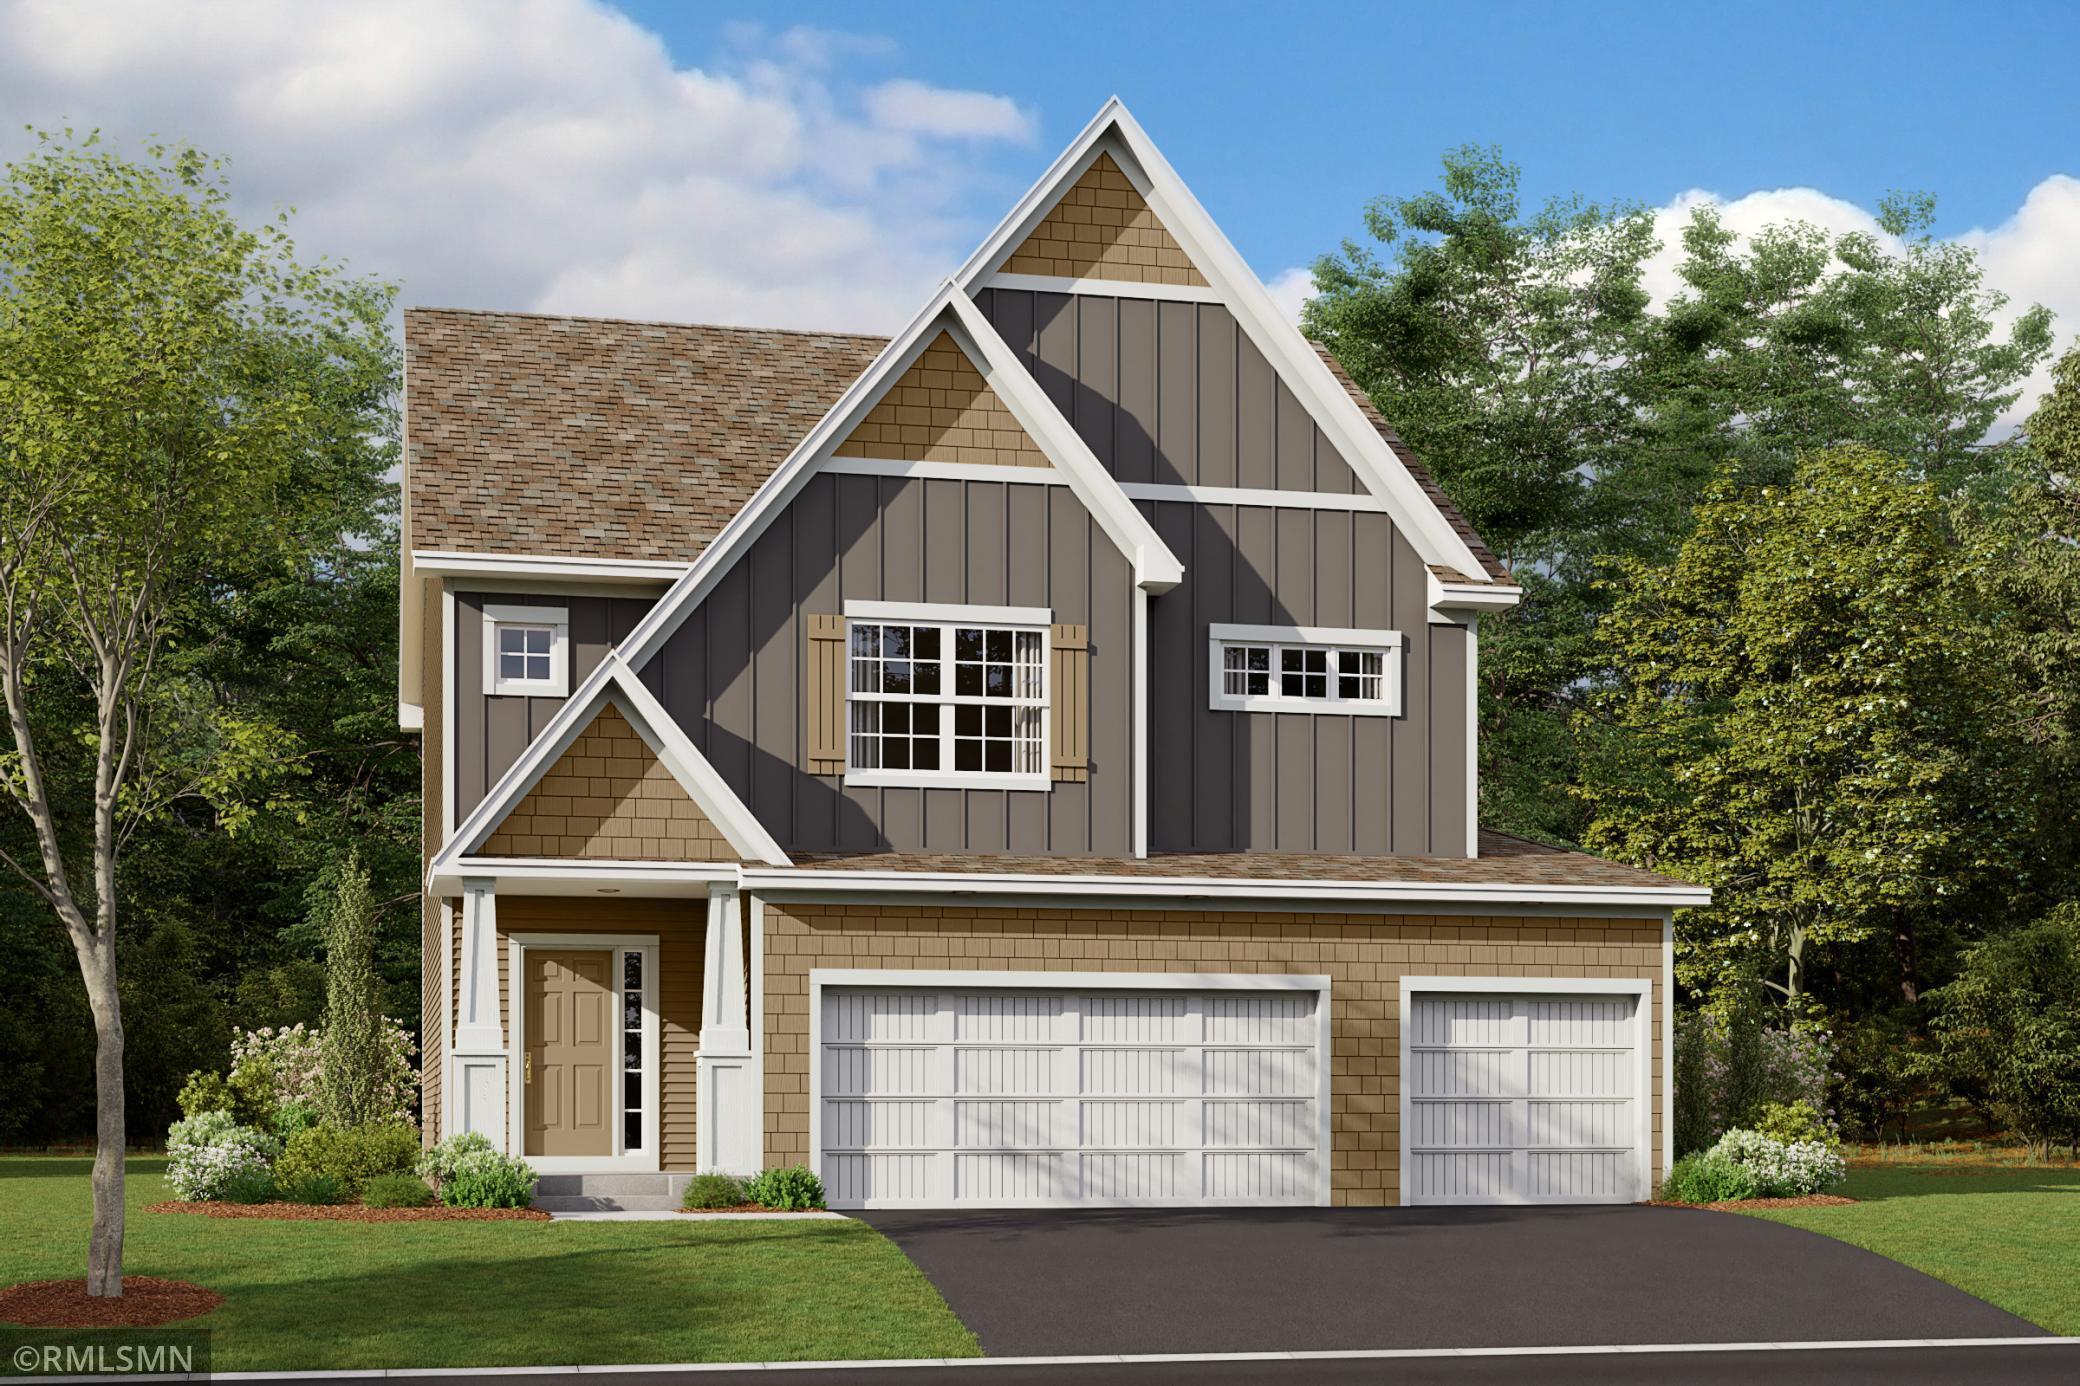 1015 112th Lane Ne Property Photo